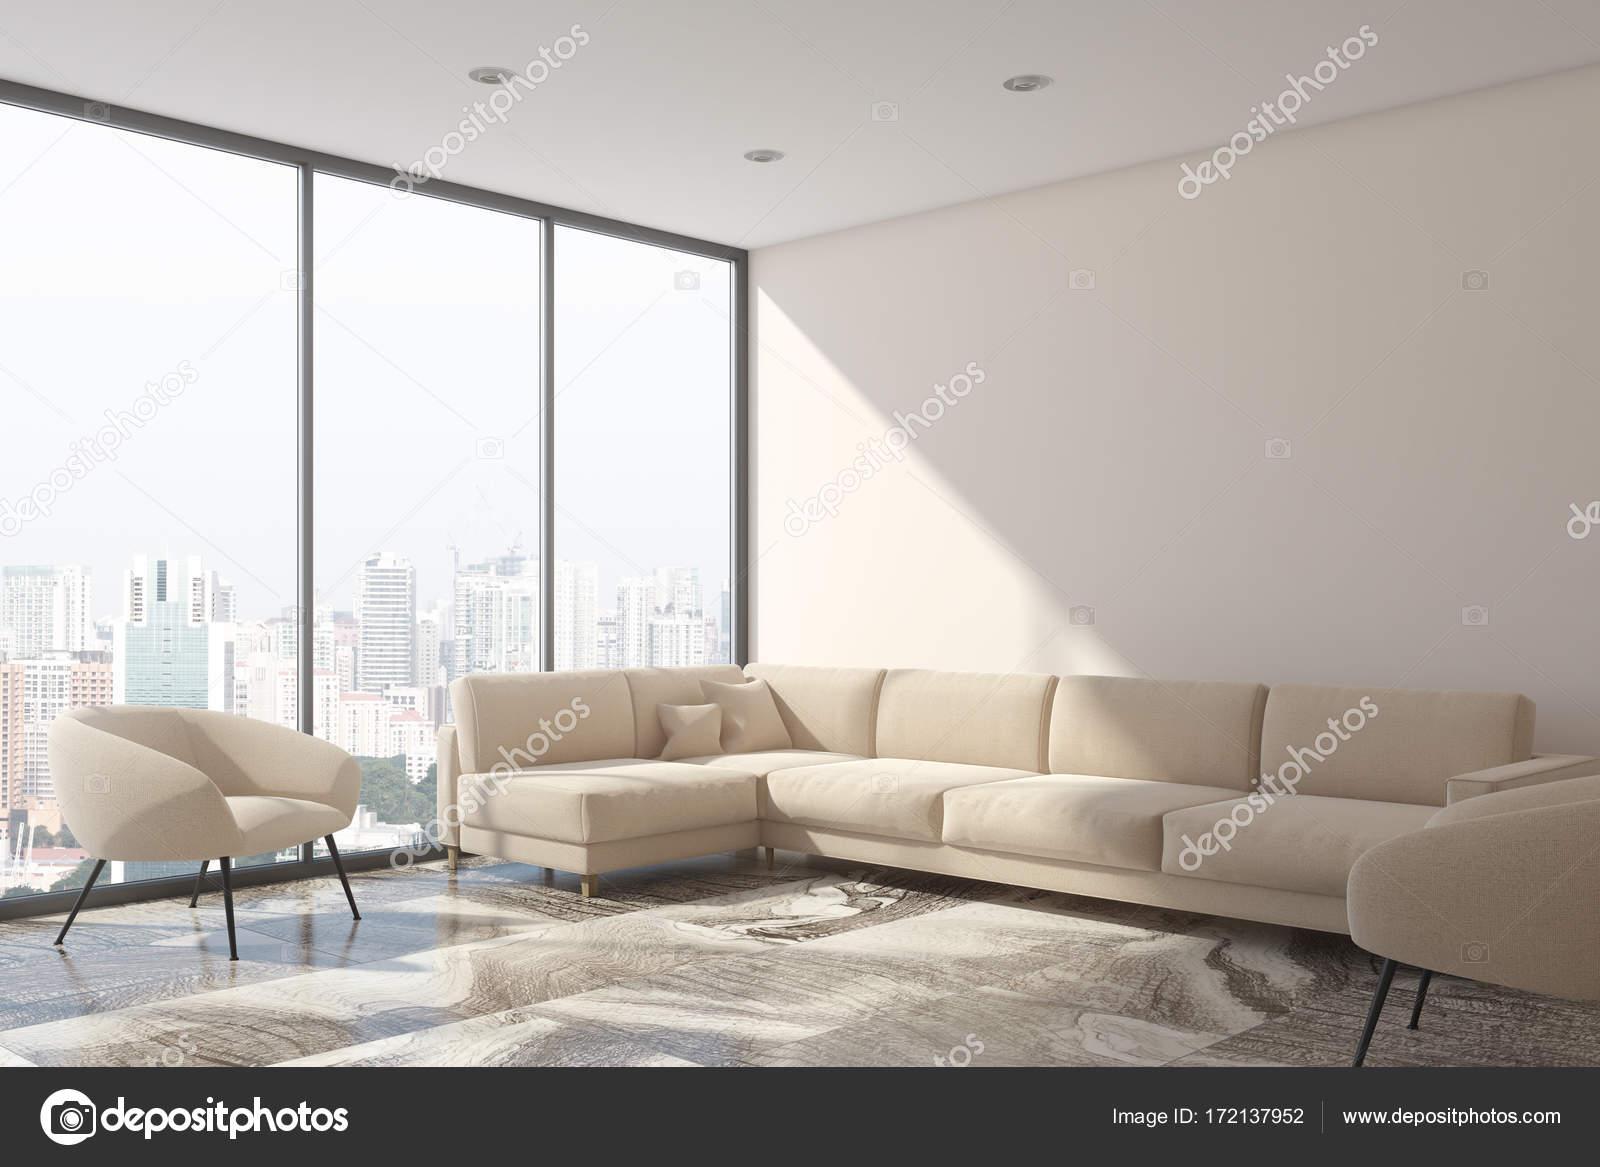 Fantastisch Weiße Wohnzimmer, Weißes Sofa, Loft Seite U2014 Stockfoto